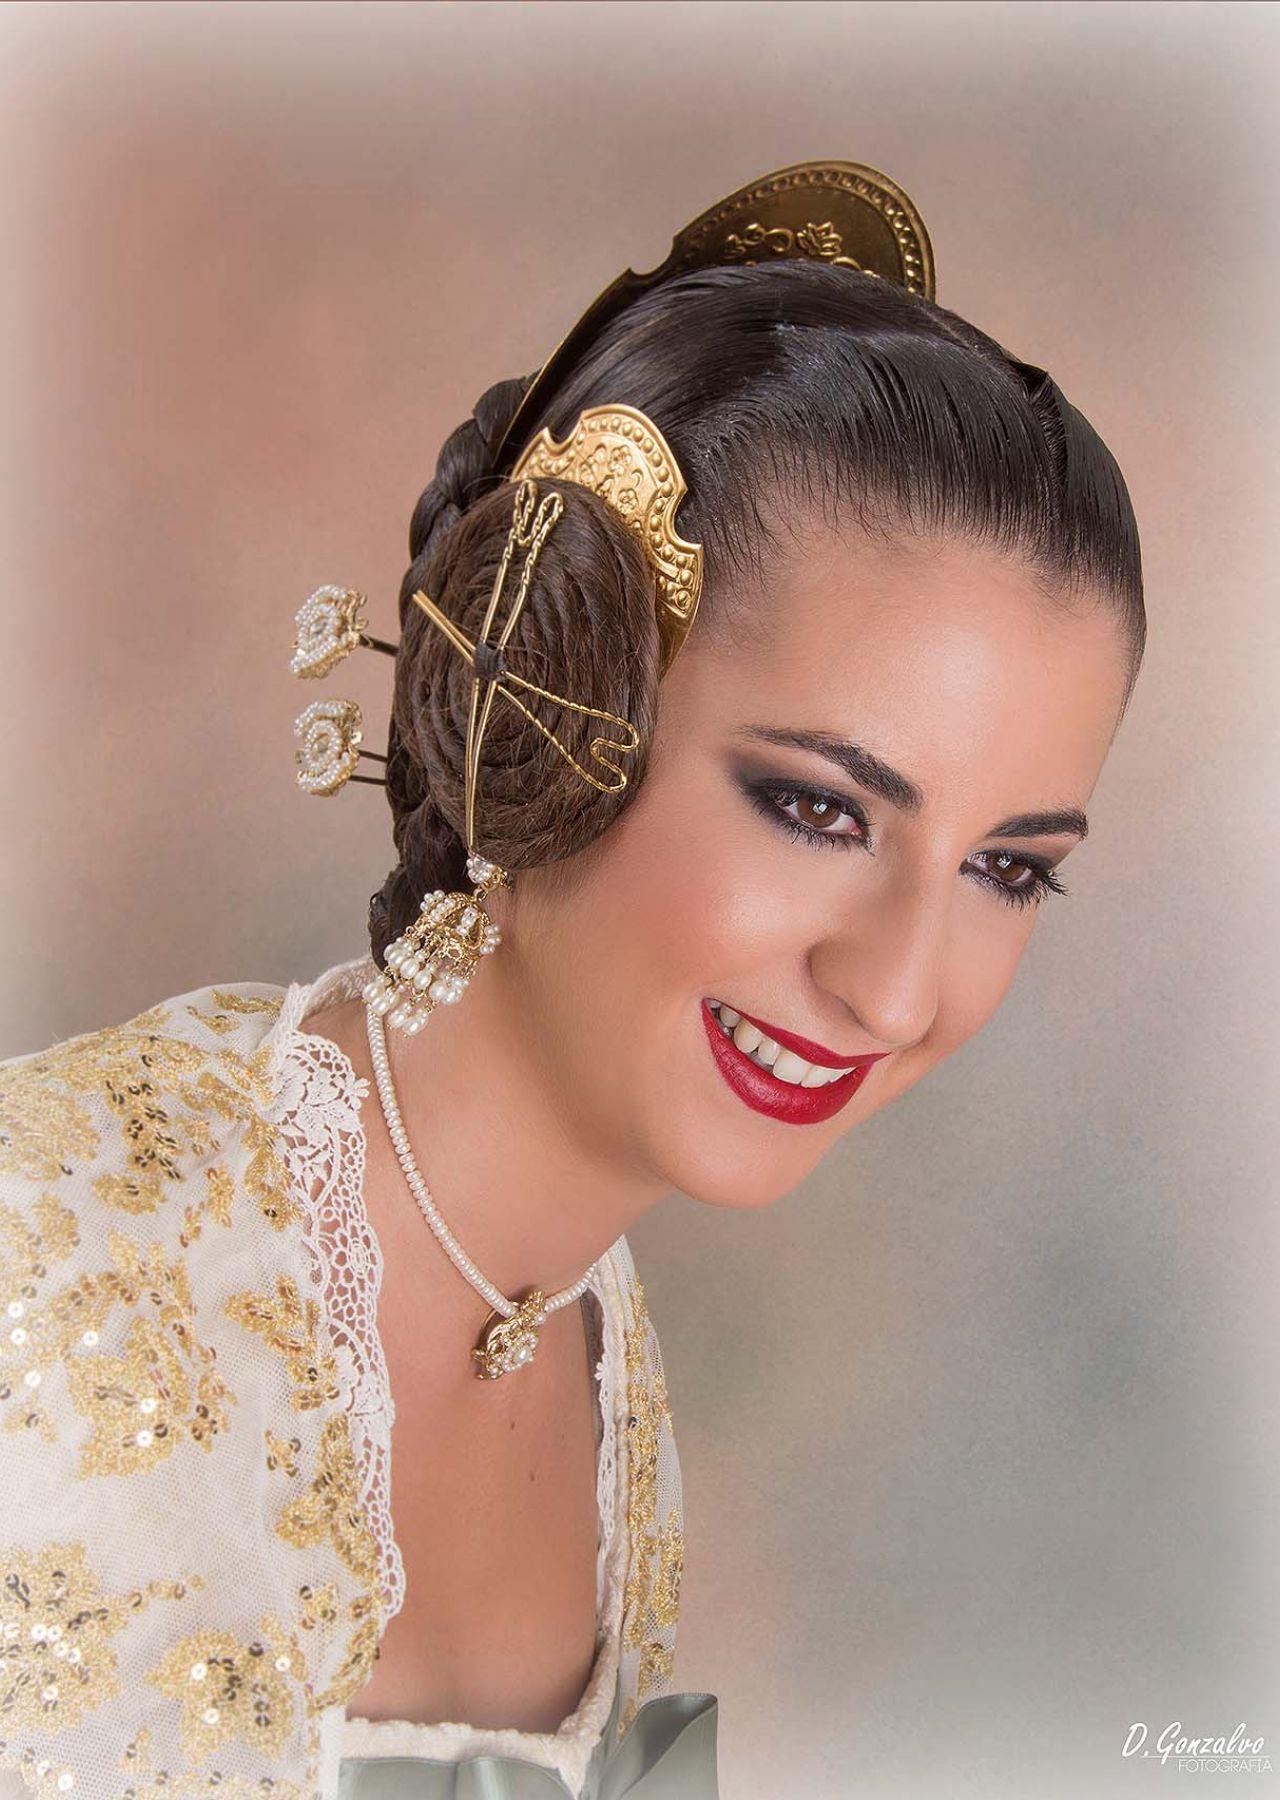 Emilia Carbó Rubio